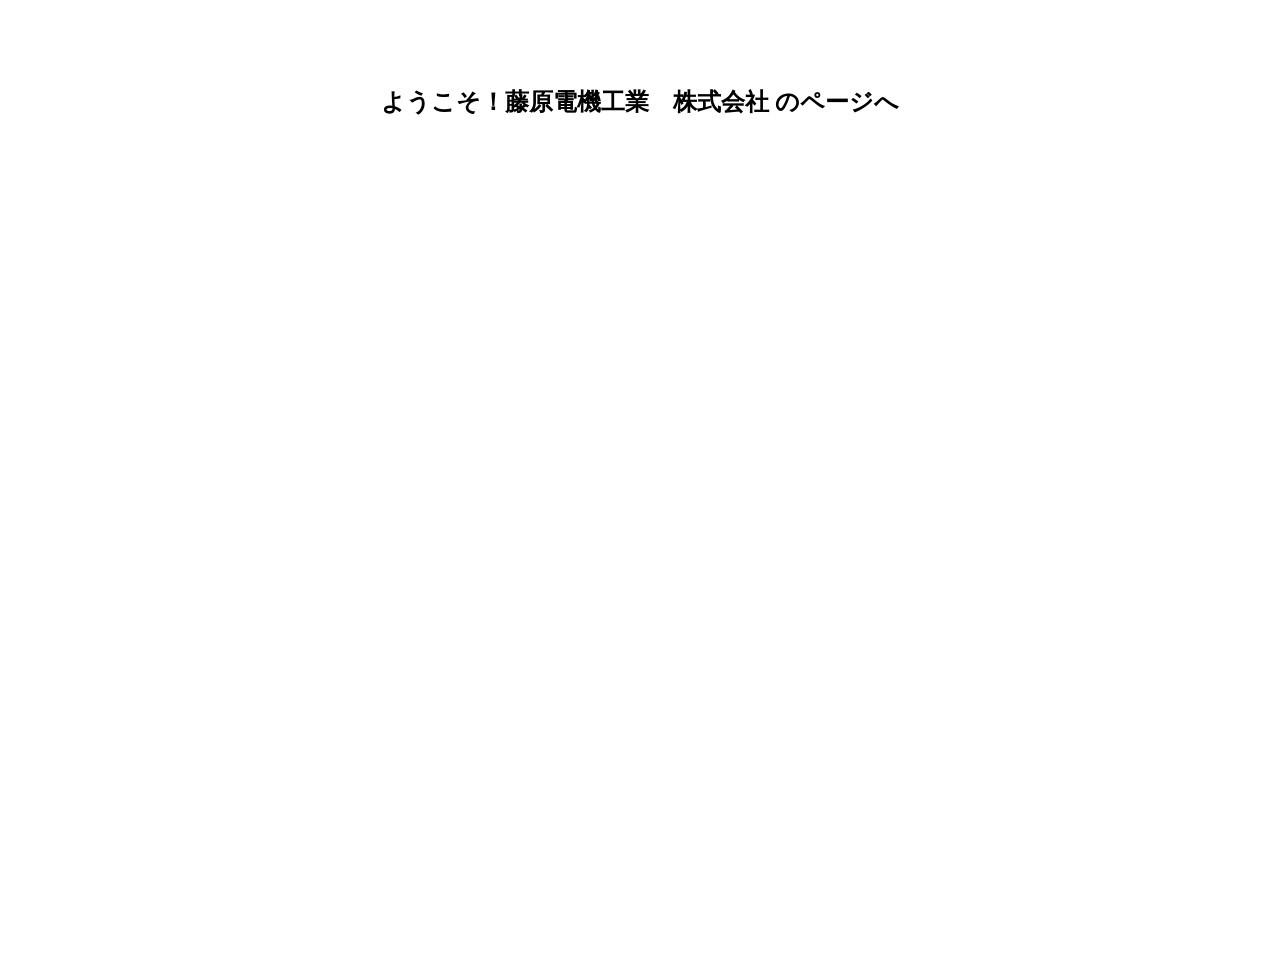 藤原電機工業株式会社